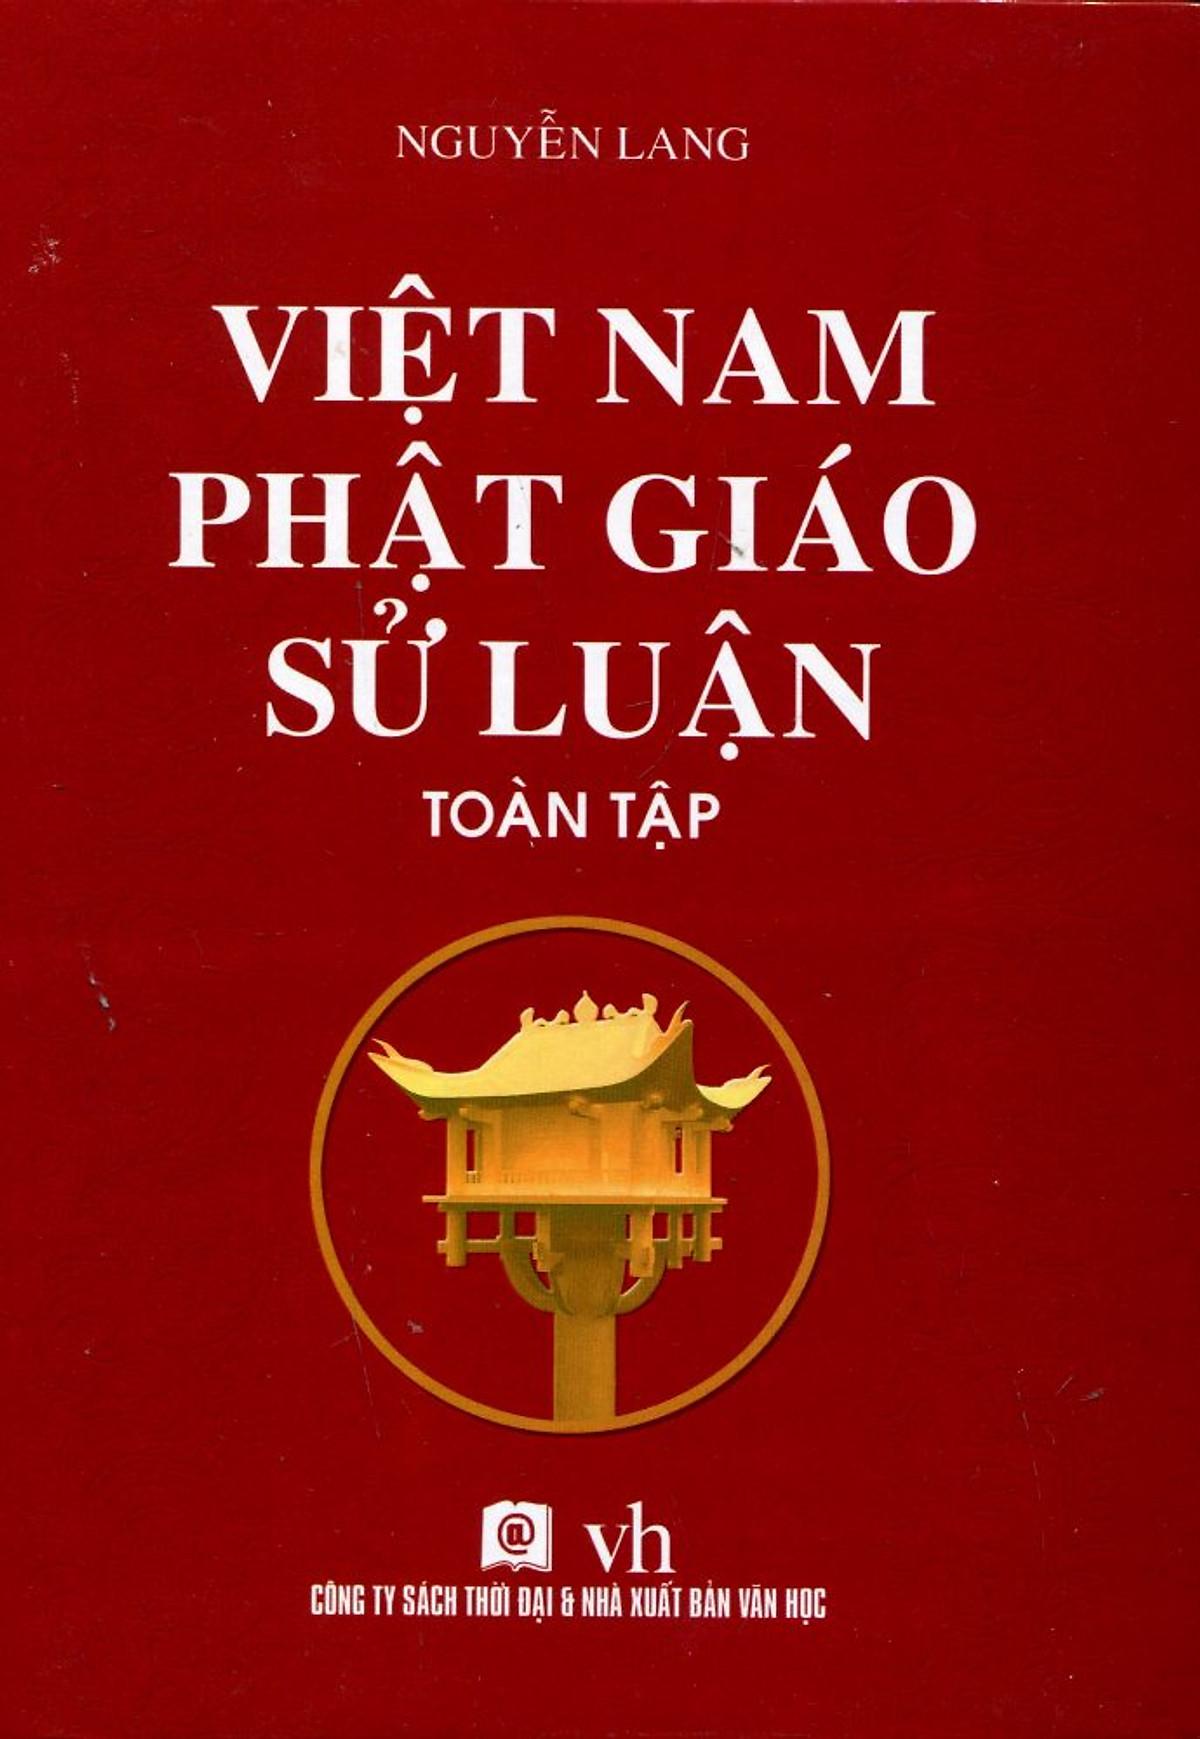 Việt Nam Phật giáo sử luận - bản in 2014